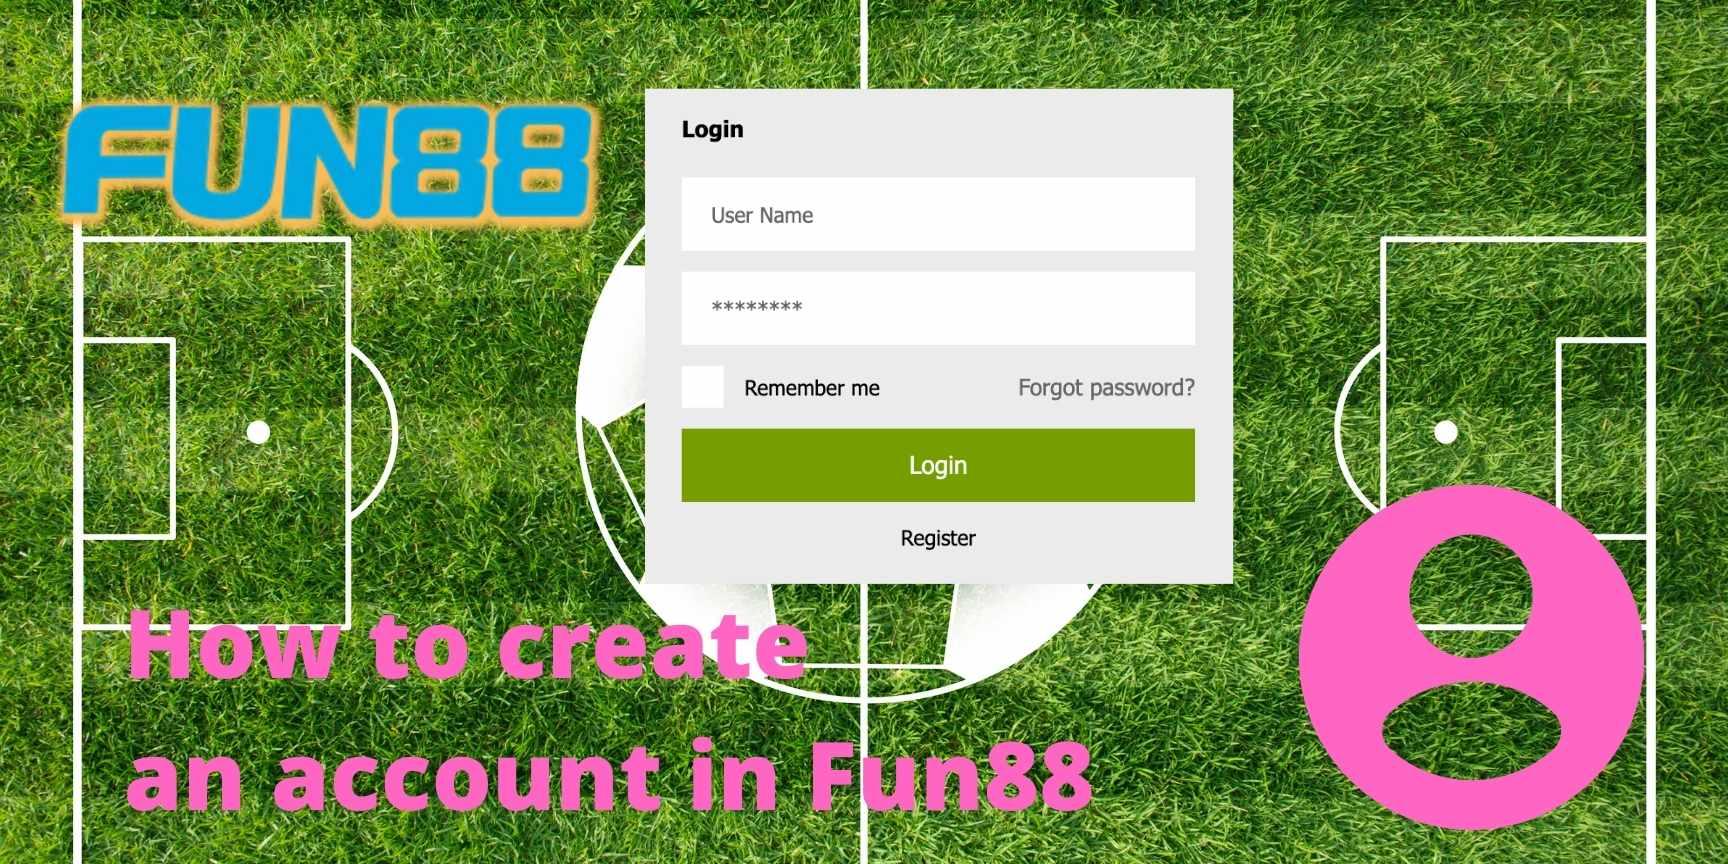 fun88 account